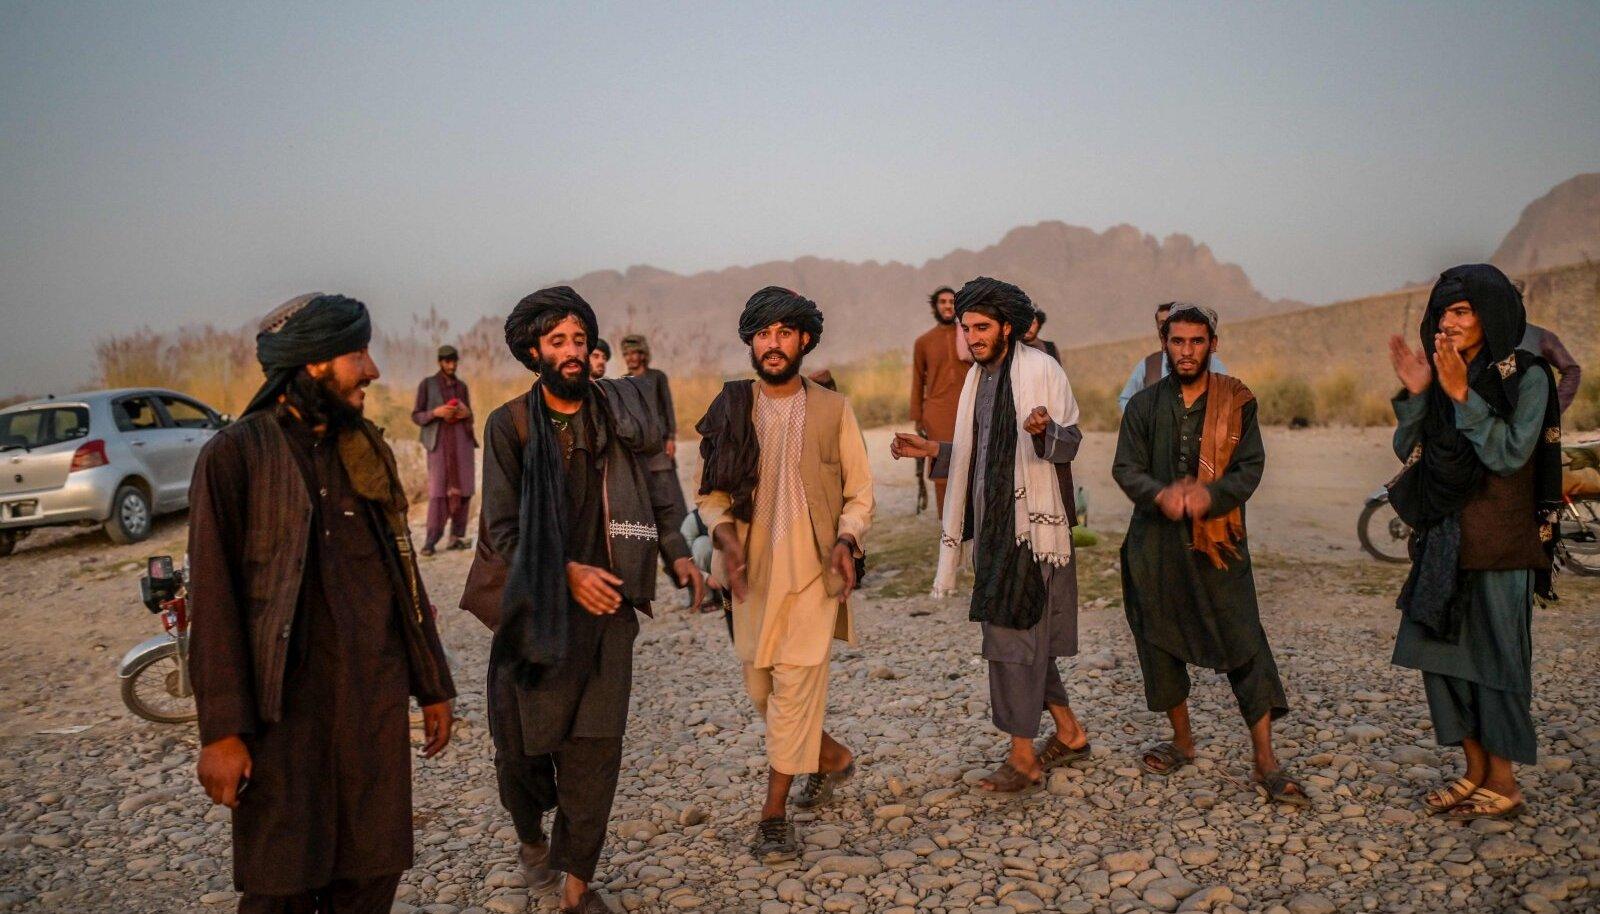 Talibani liikmed üleeile Kandahari jõe kaldal traditsioonilisel tantsul.